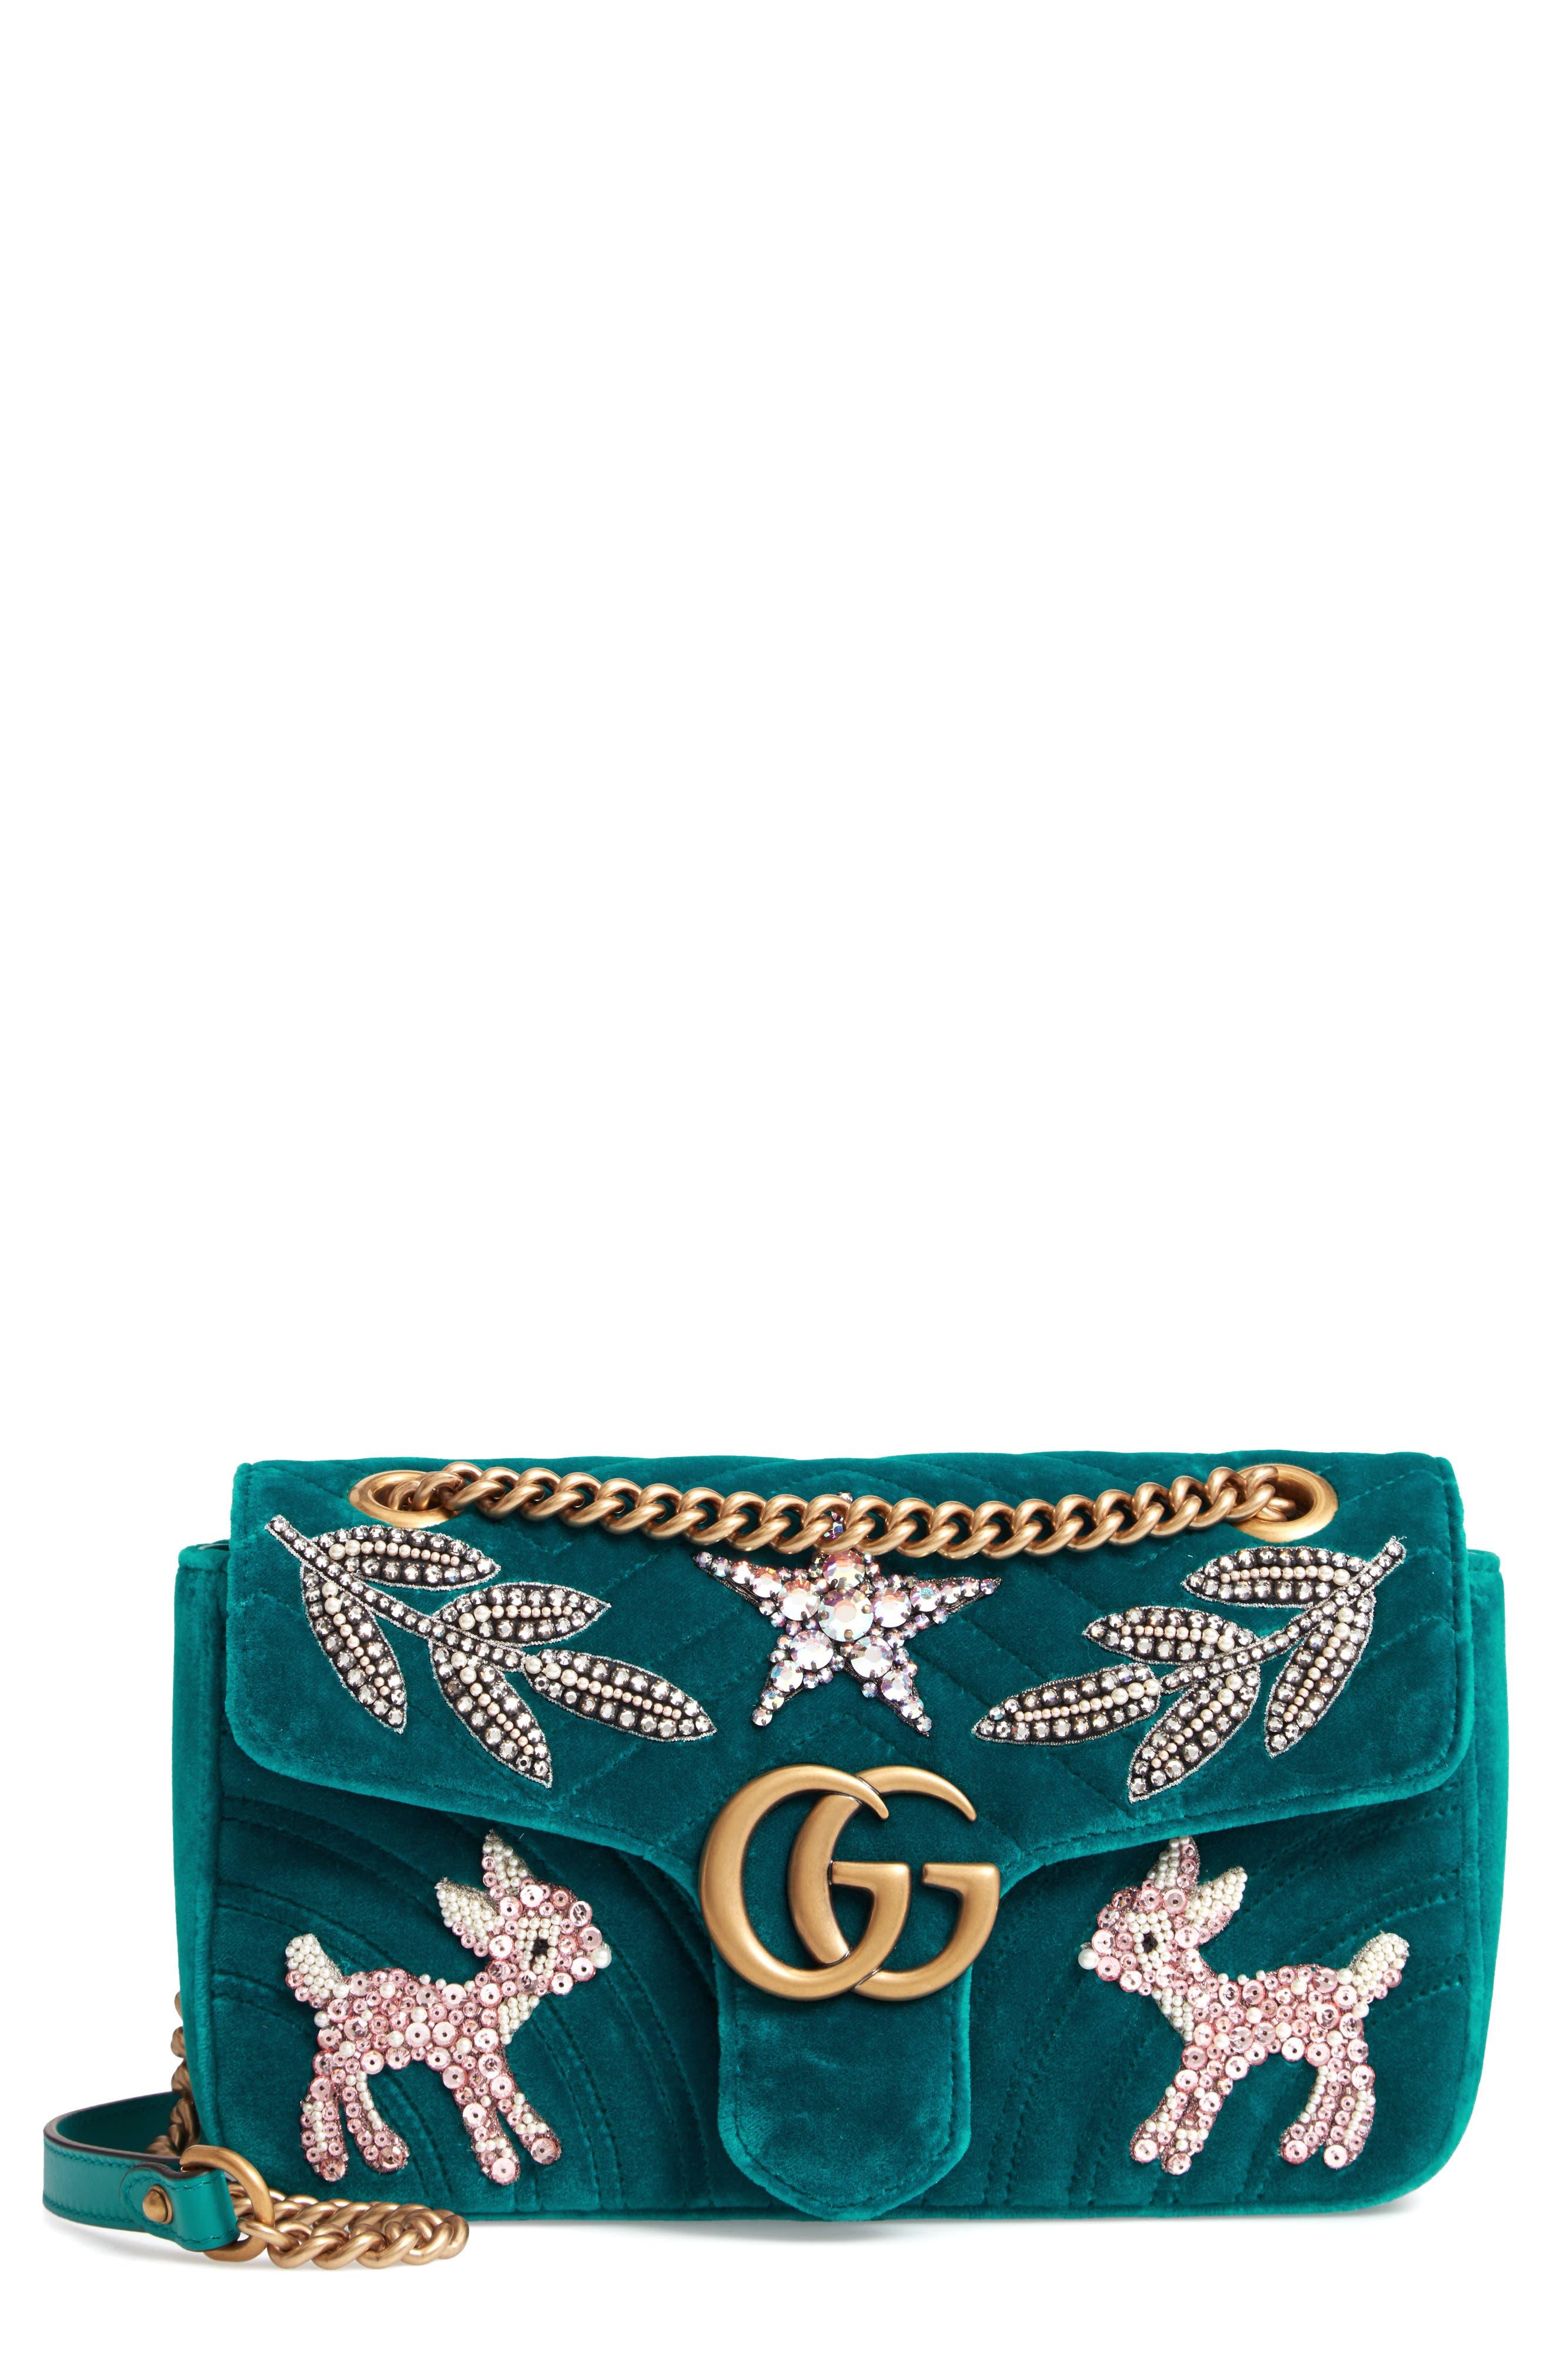 GG Marmont 2.0 Matelassé Velvet Shoulder Bag,                         Main,                         color, 440